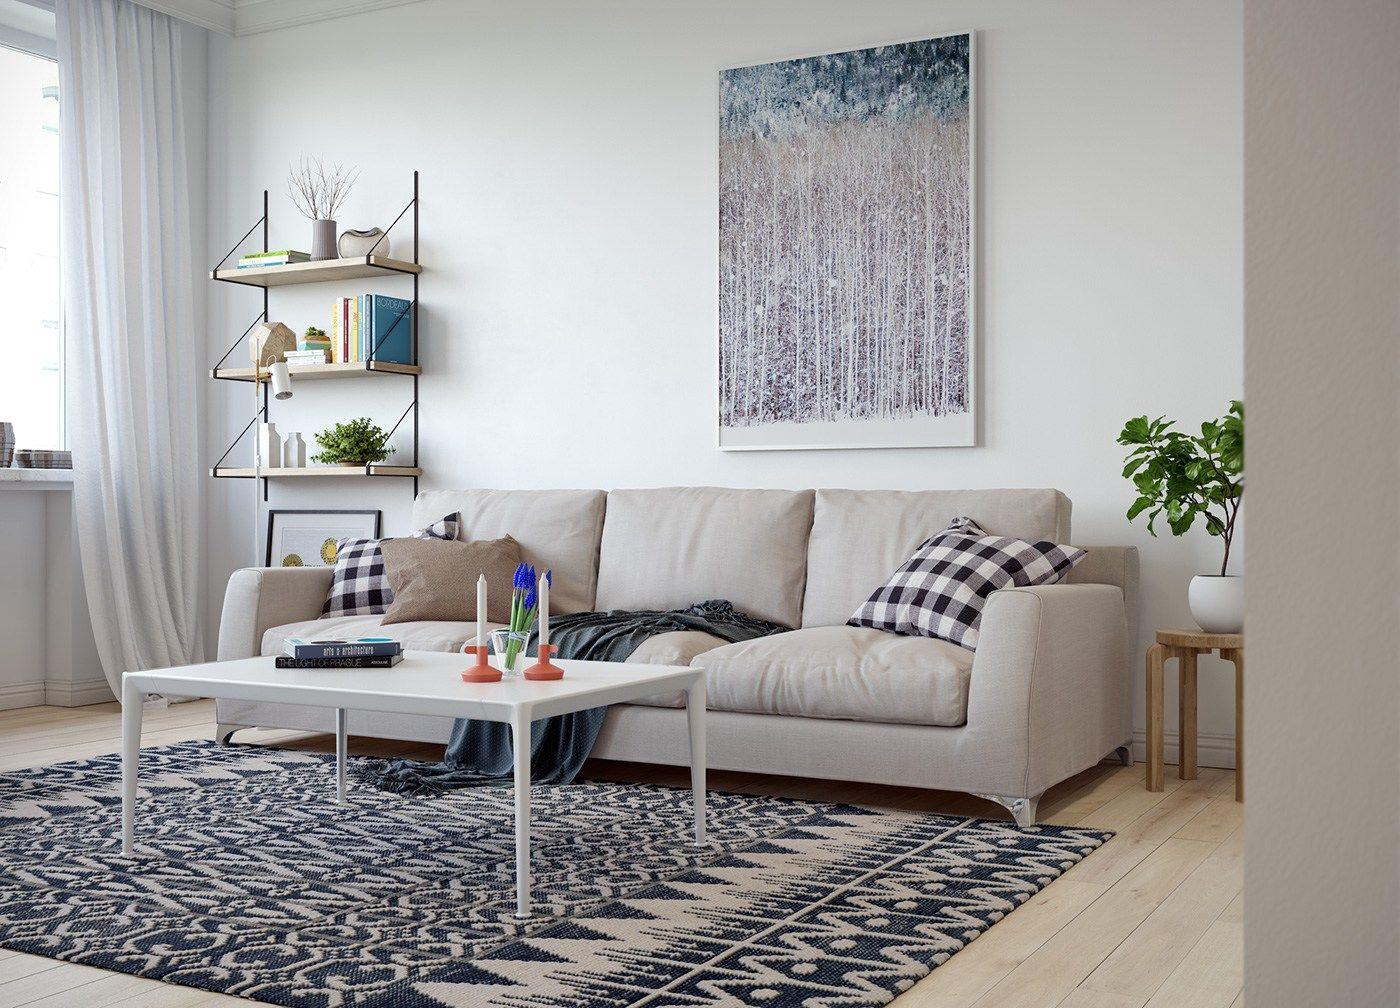 Decoración abierta | Decoracion pisos pequeños, Estilo nórdico y ...